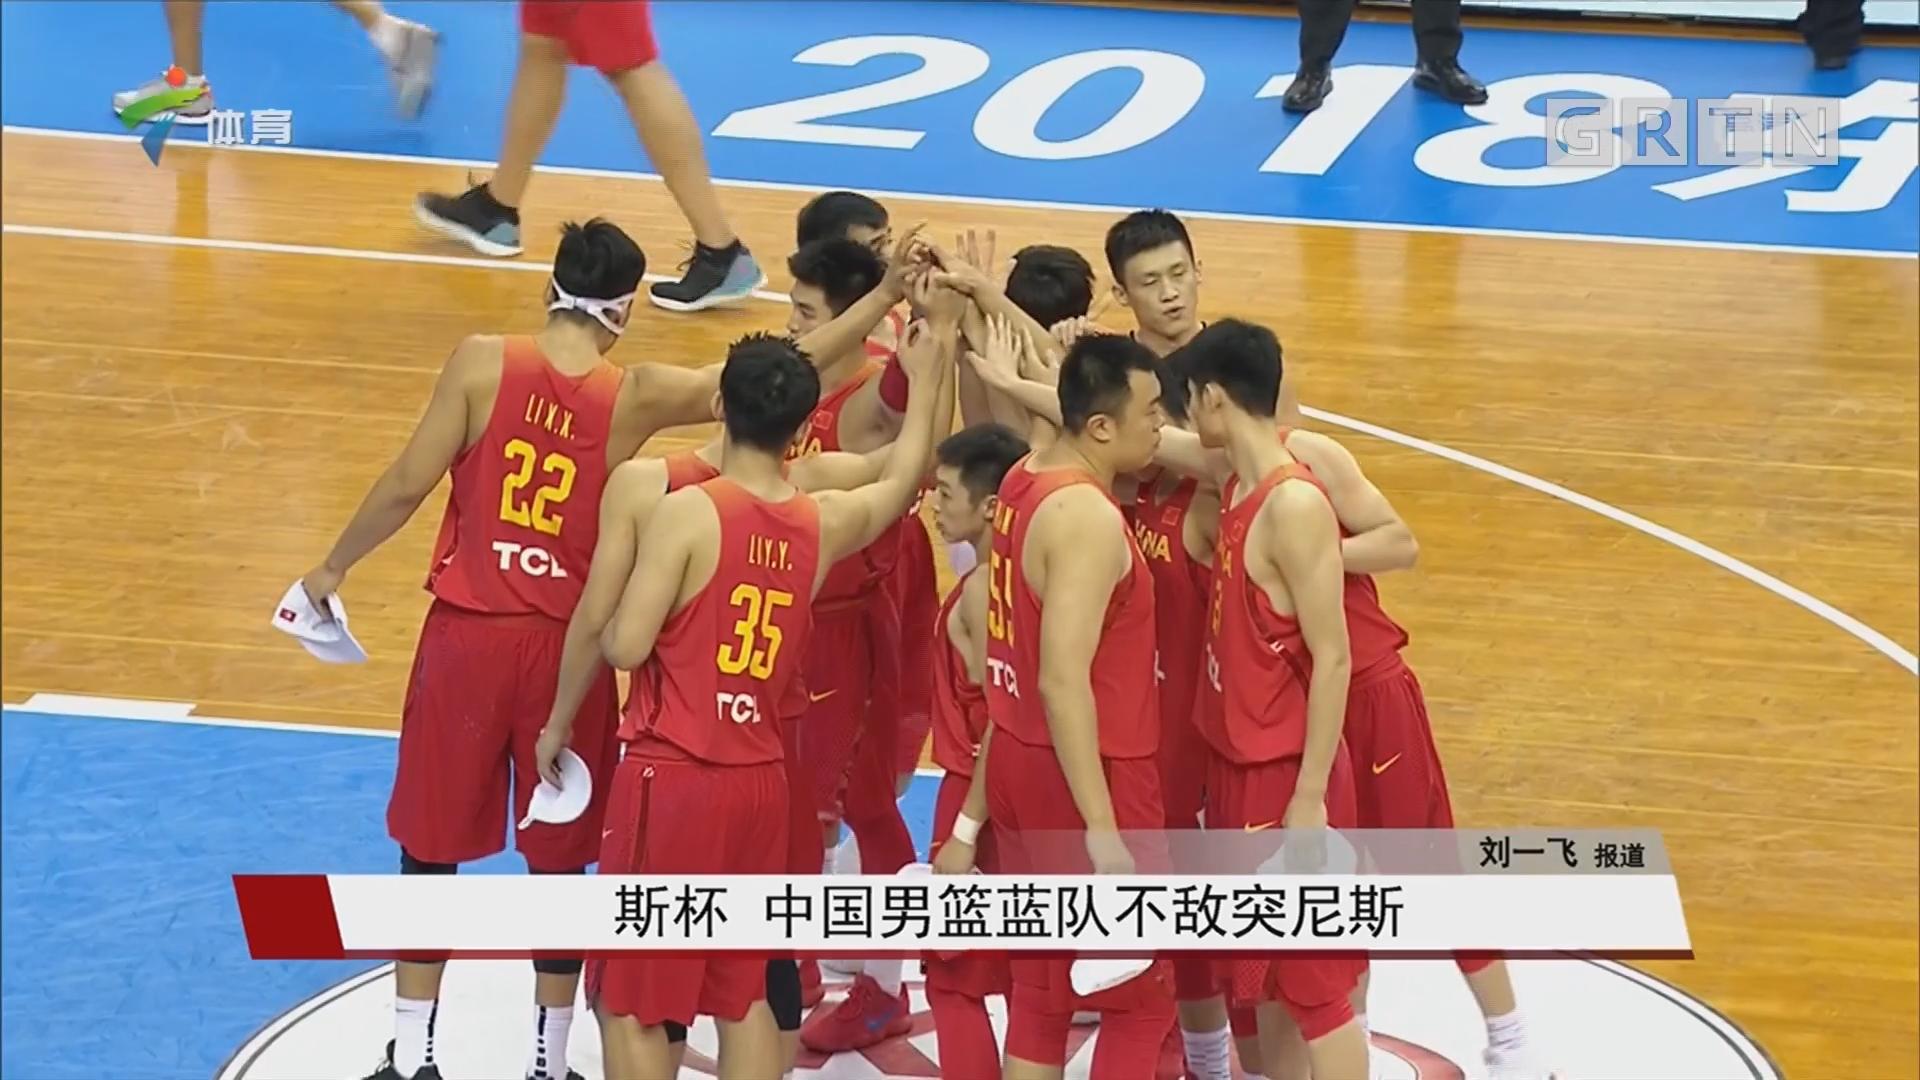 斯杯 中国男篮蓝队不敌突尼斯